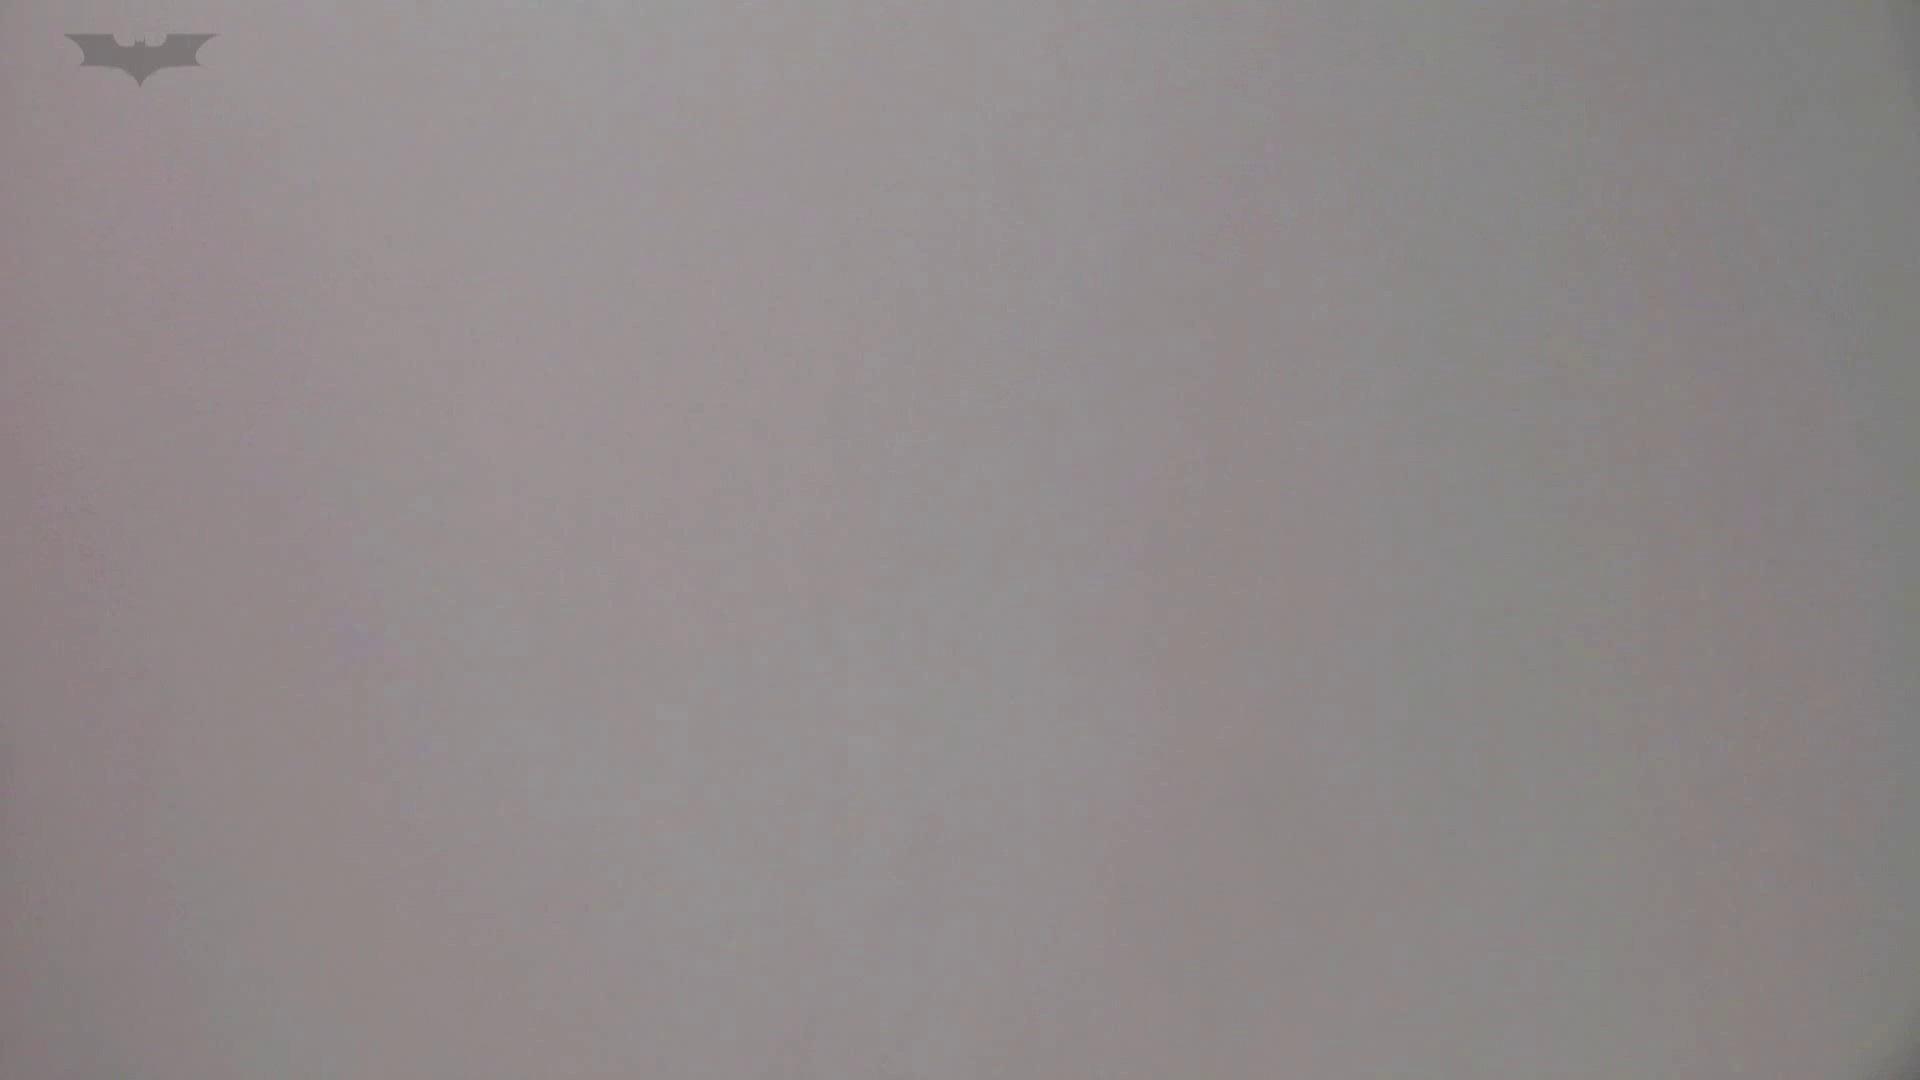 下からノゾム vol.021 顔とセットで全部撮れた!! いやらしいOL  23連発 2